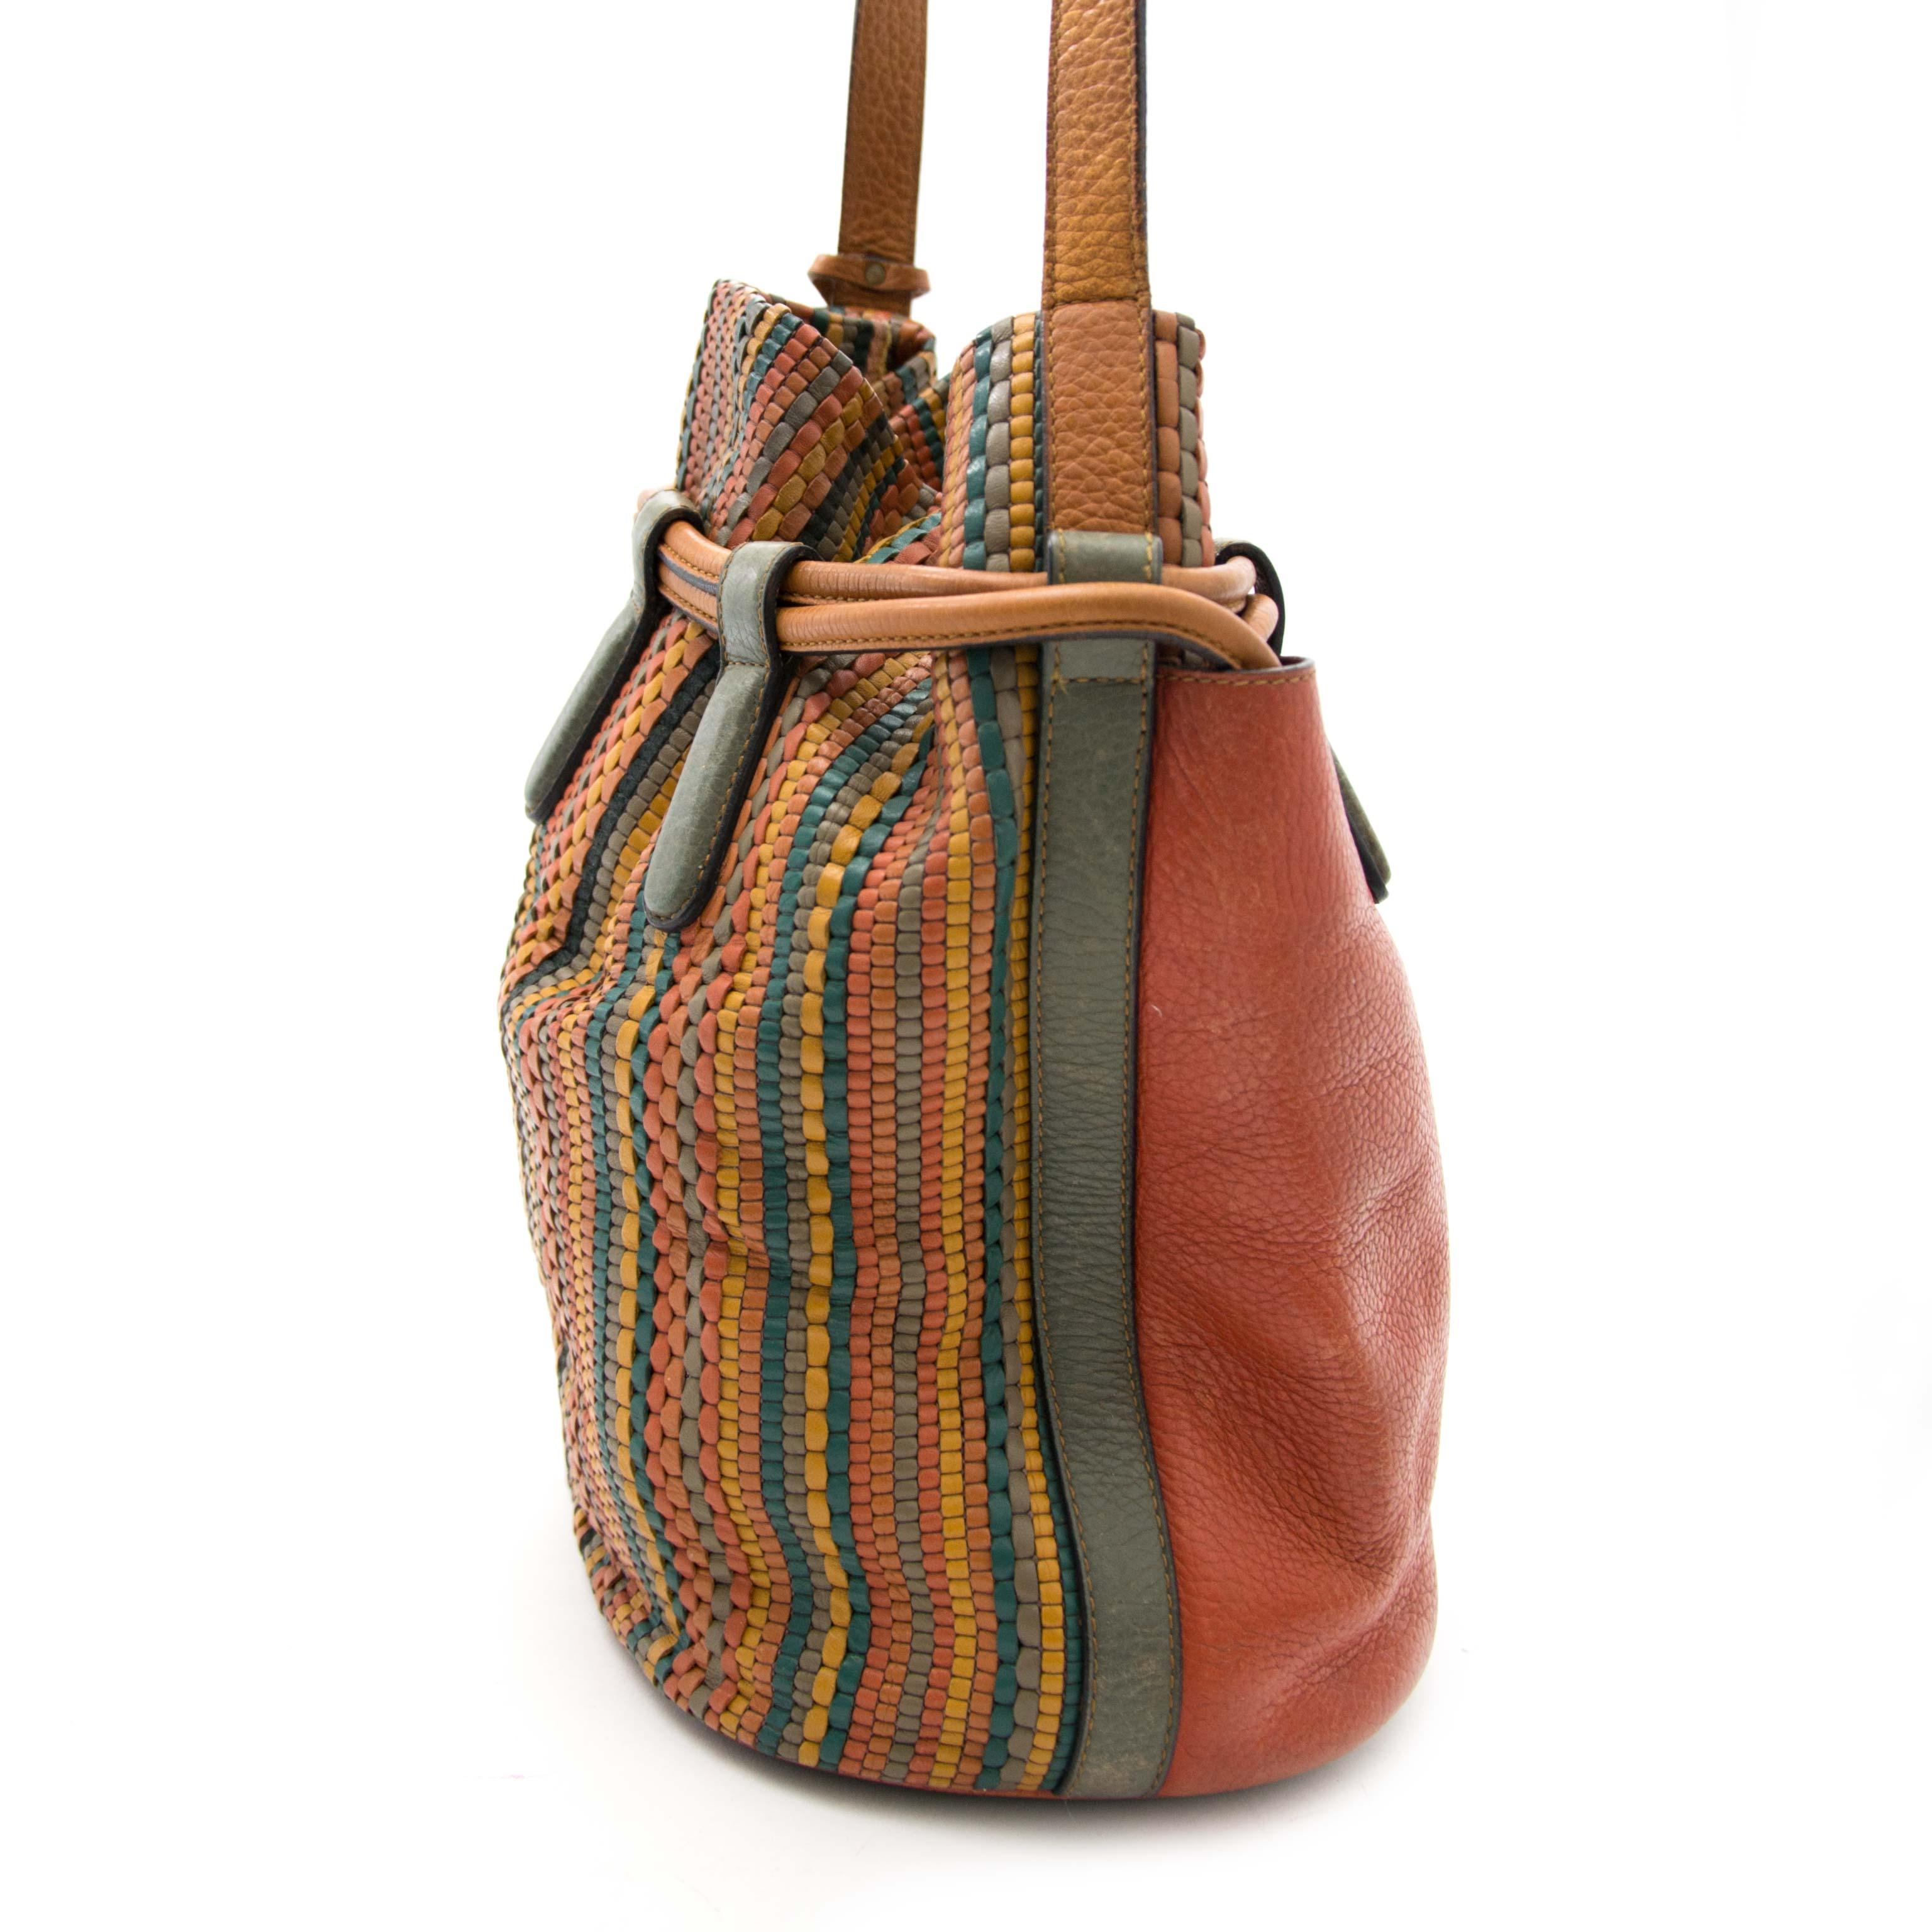 Koop op LabelLov tweedehands Delvaux bucket bag